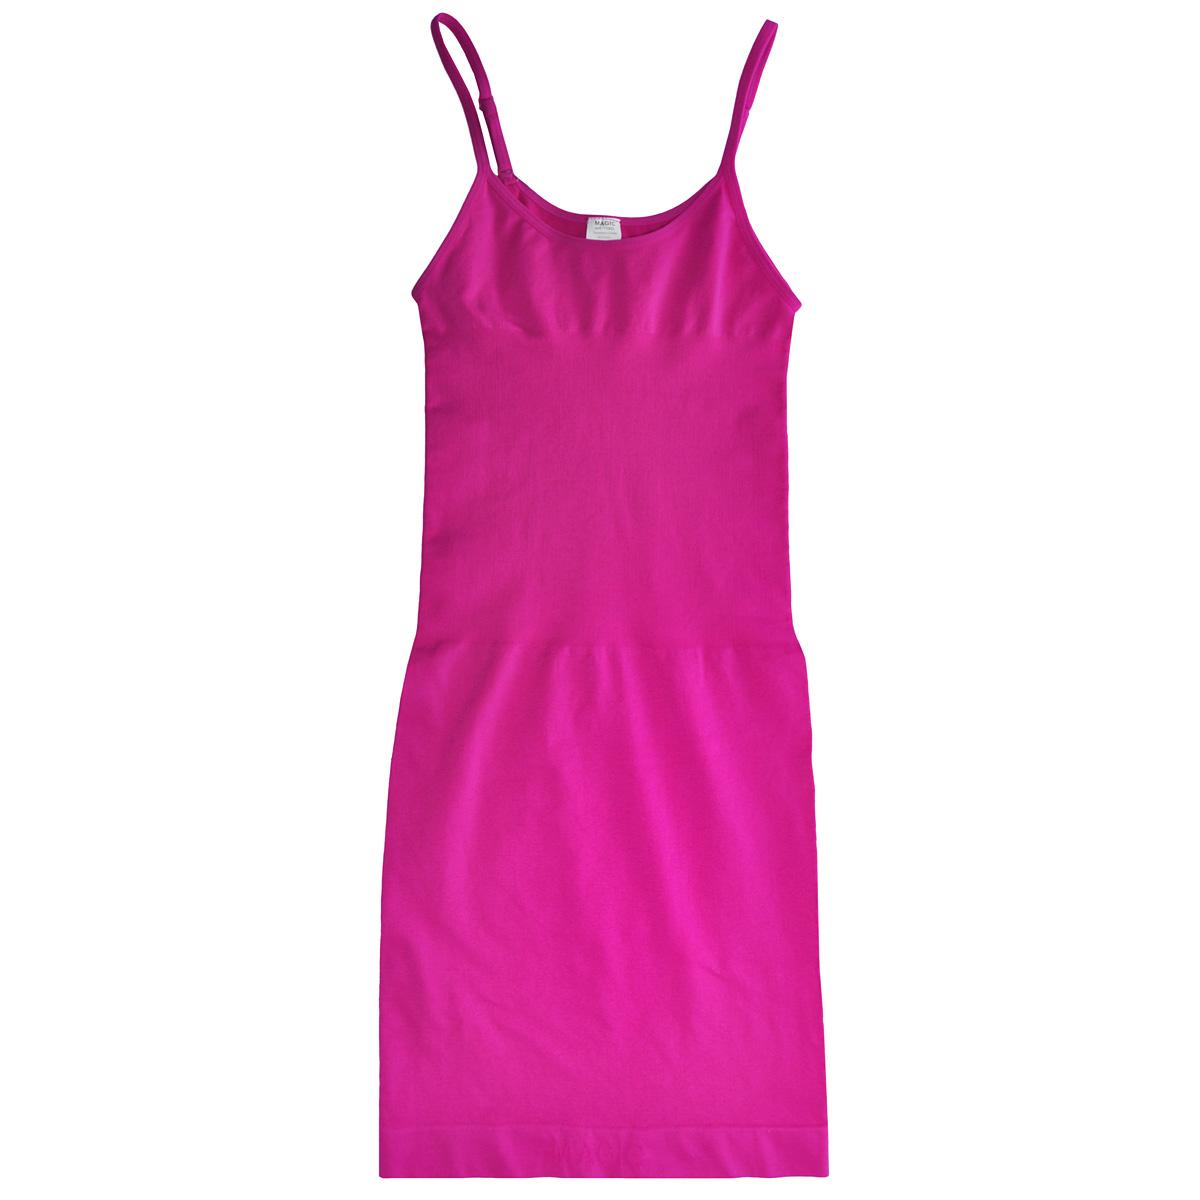 Платье Seamless Dress, корректирующее. 15BD15BDБесшовное корректирующее платье Magic BodyFashion Seamless Dress на тонких регулируемых бретелях очень удобное и комфортное в носке. Модель уменьшает живот и бедра, заметно корректирует объемы. Платье придаст вашему телу идеальные формы: сделает грудь и ягодицы подтянутыми, талию - стройной, а осанку - прямой. Функциональный покрой заметно подтягивает и моделирует фигуру, скрывая ее недостатки. Крой платья необычен, благодаря чему его невозможно заметить под любой одеждой, оно практически не ощущается на коже, позволяет чувствовать себя комфортно и легко. Изделие позволяет приобрести выразительные линии своего тела за считанные секунды (можно скрыть все лишнее и придать объем там, где необходимо). Белье Magic BodyFashion создано для тех, кто стремится к безупречности своего стиля. Именно благодаря ему огромное количество женщин чувствуют себя поистине соблазнительными, привлекательными и не на шутку уверенными в себе.